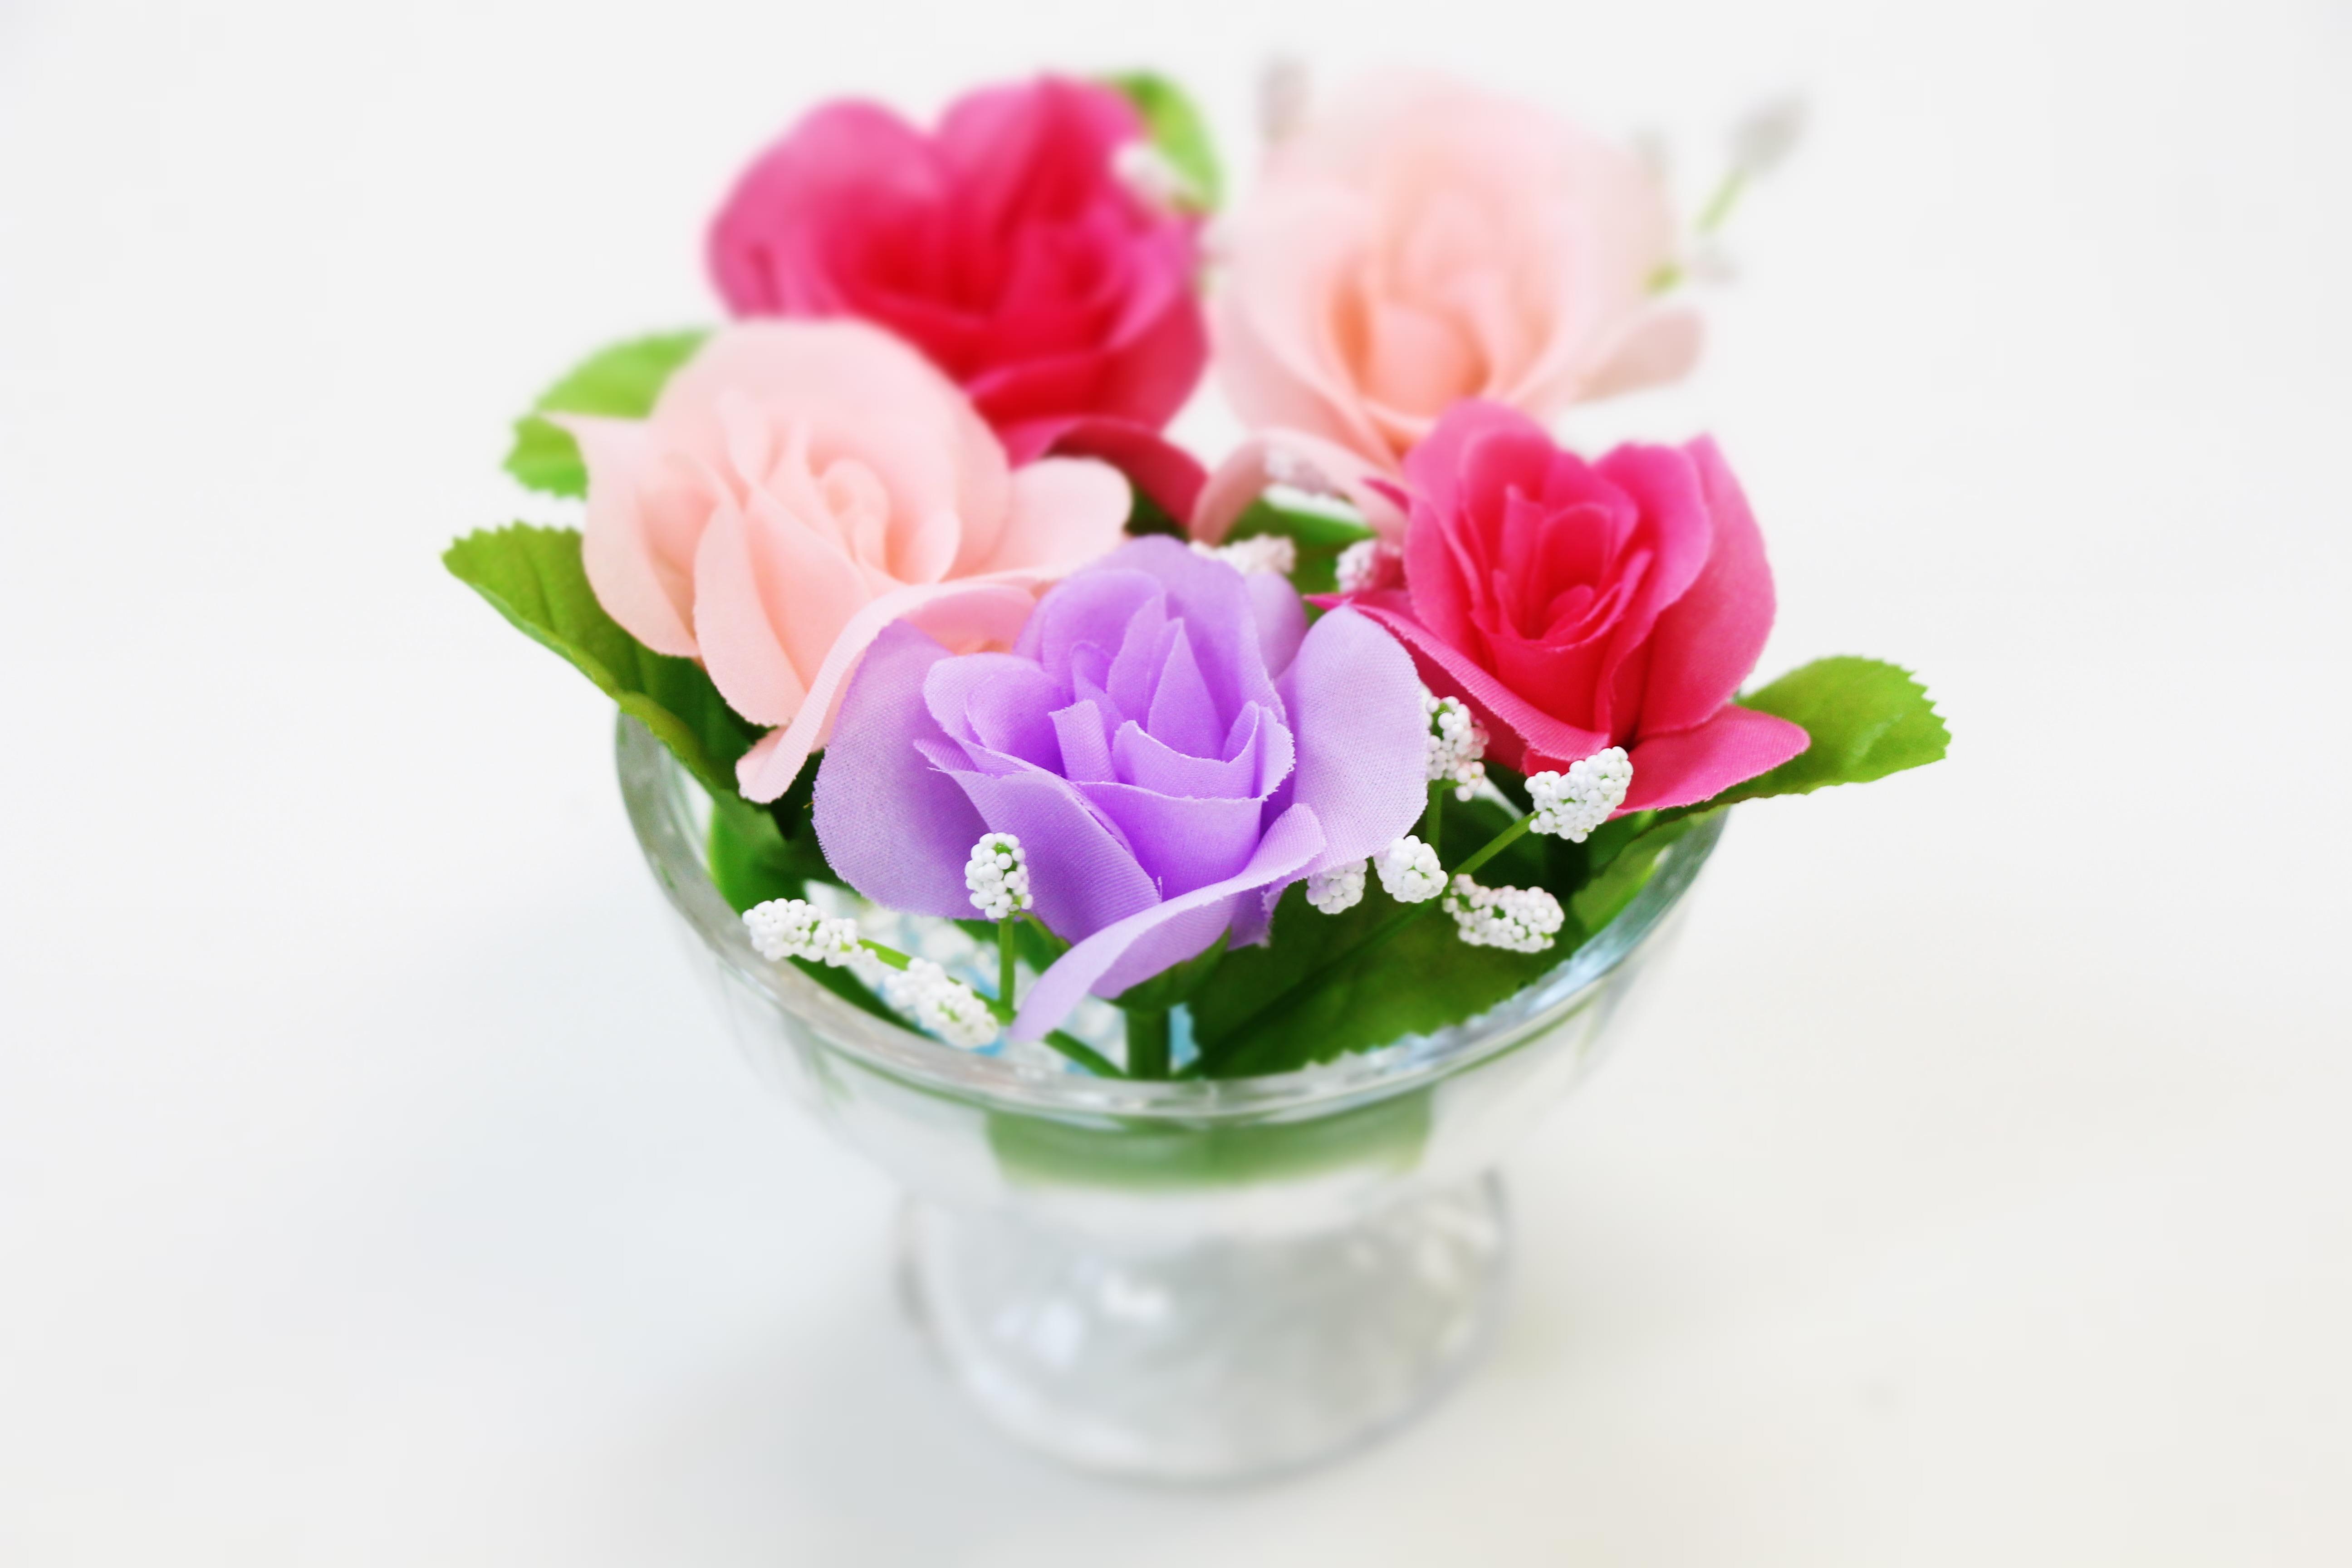 images gratuites violet p tale rouge rose pot de fleur fleuriste fleurs artificielles. Black Bedroom Furniture Sets. Home Design Ideas